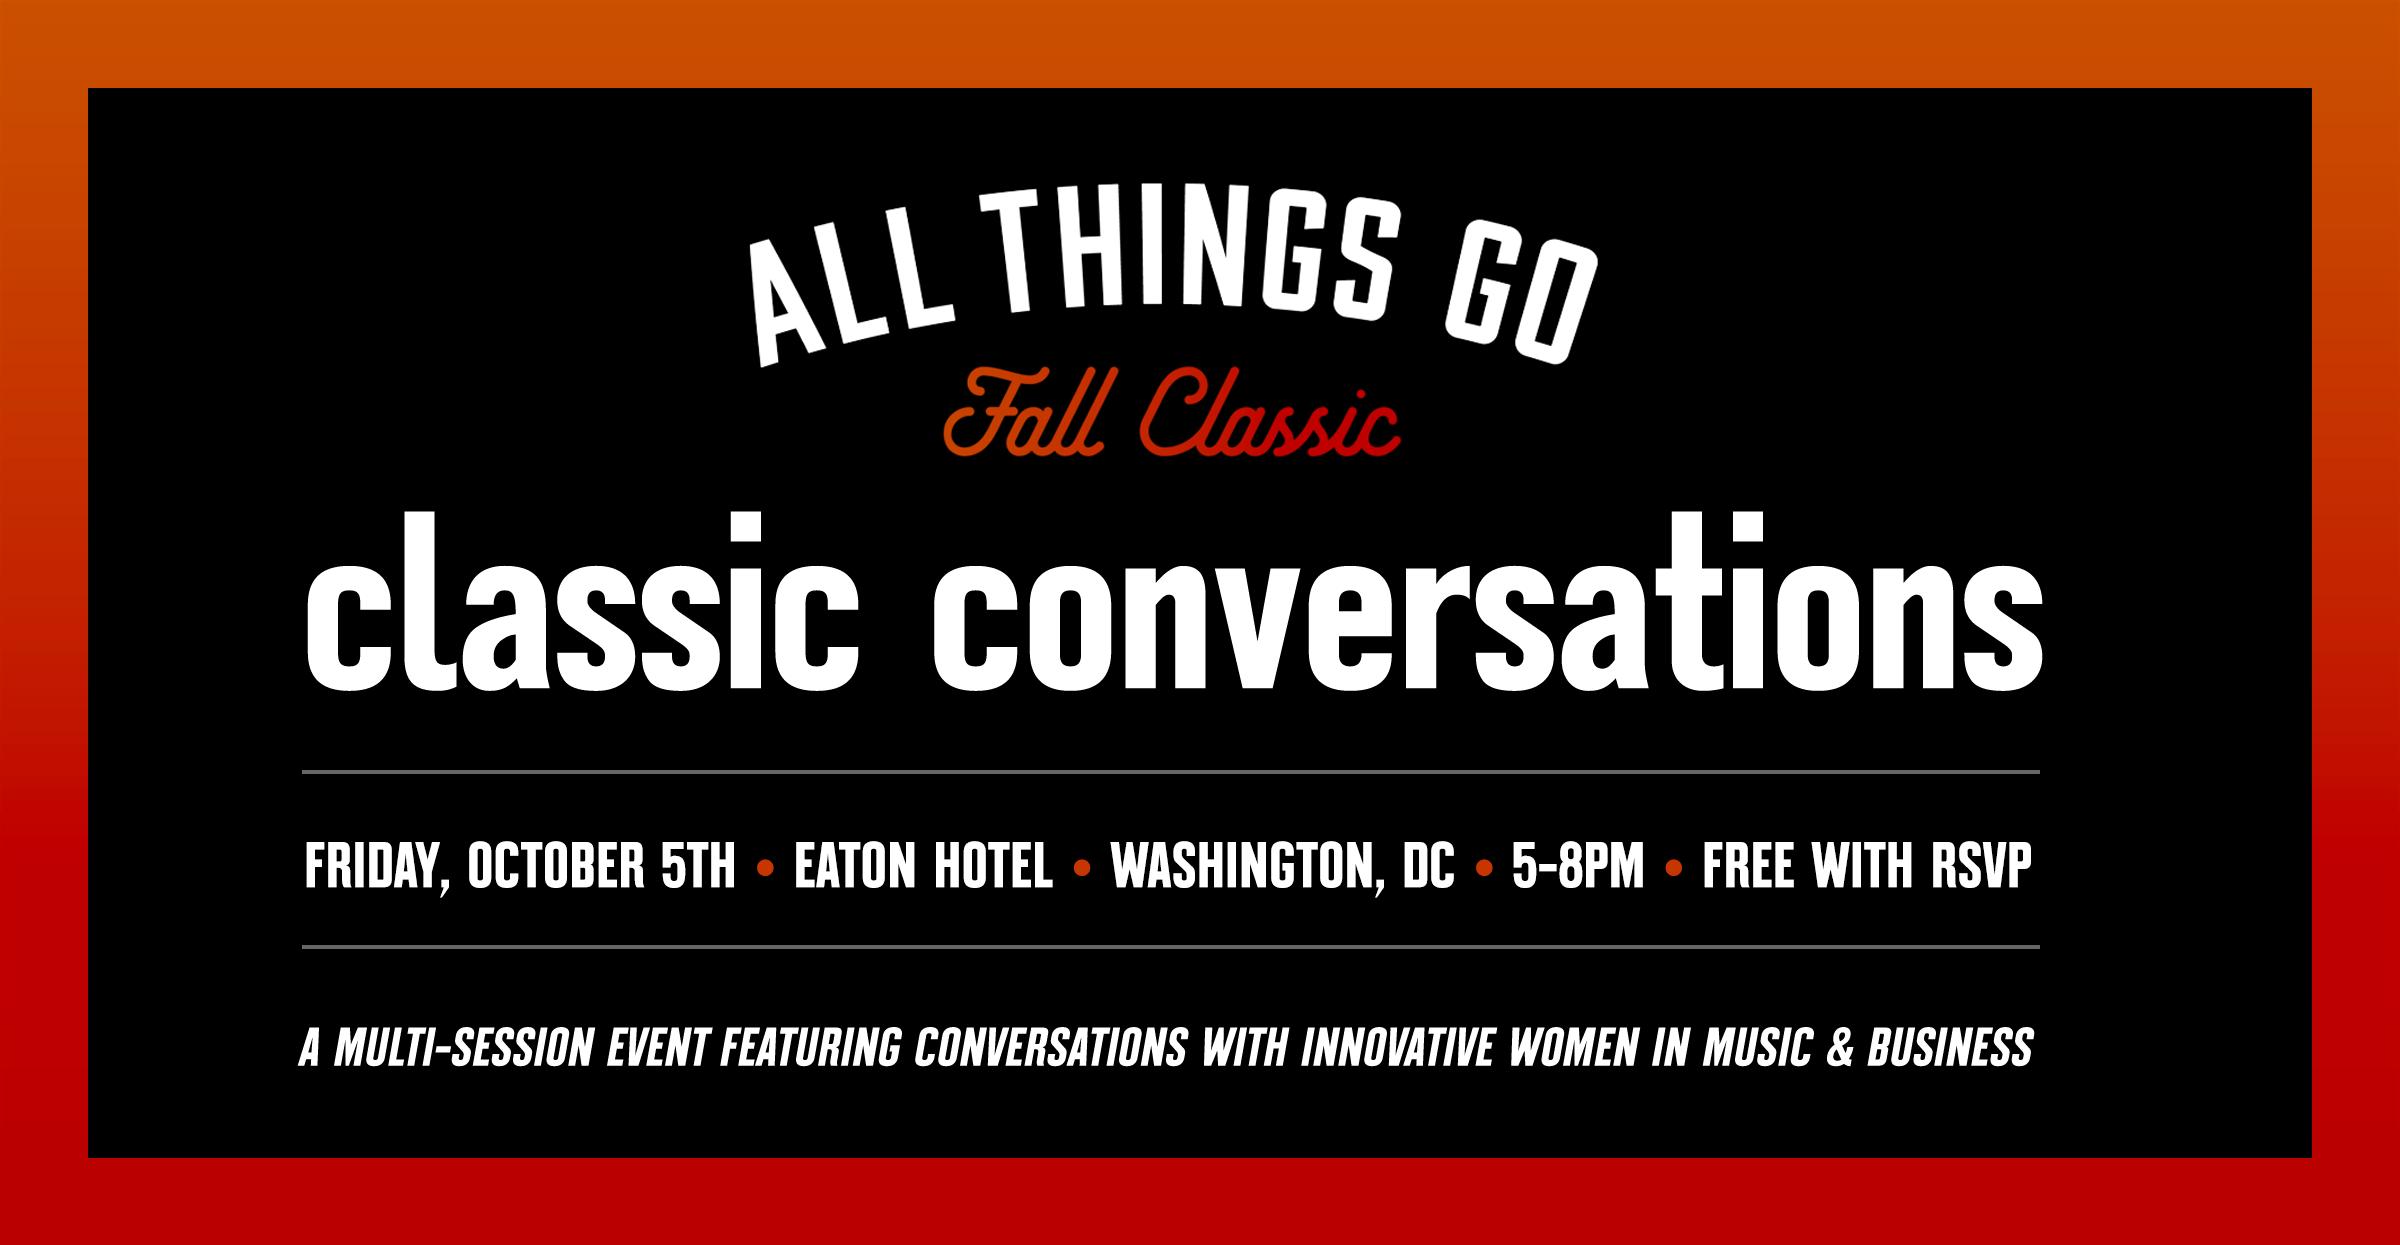 classic-conversations-final-header-9d2fe7d9.png